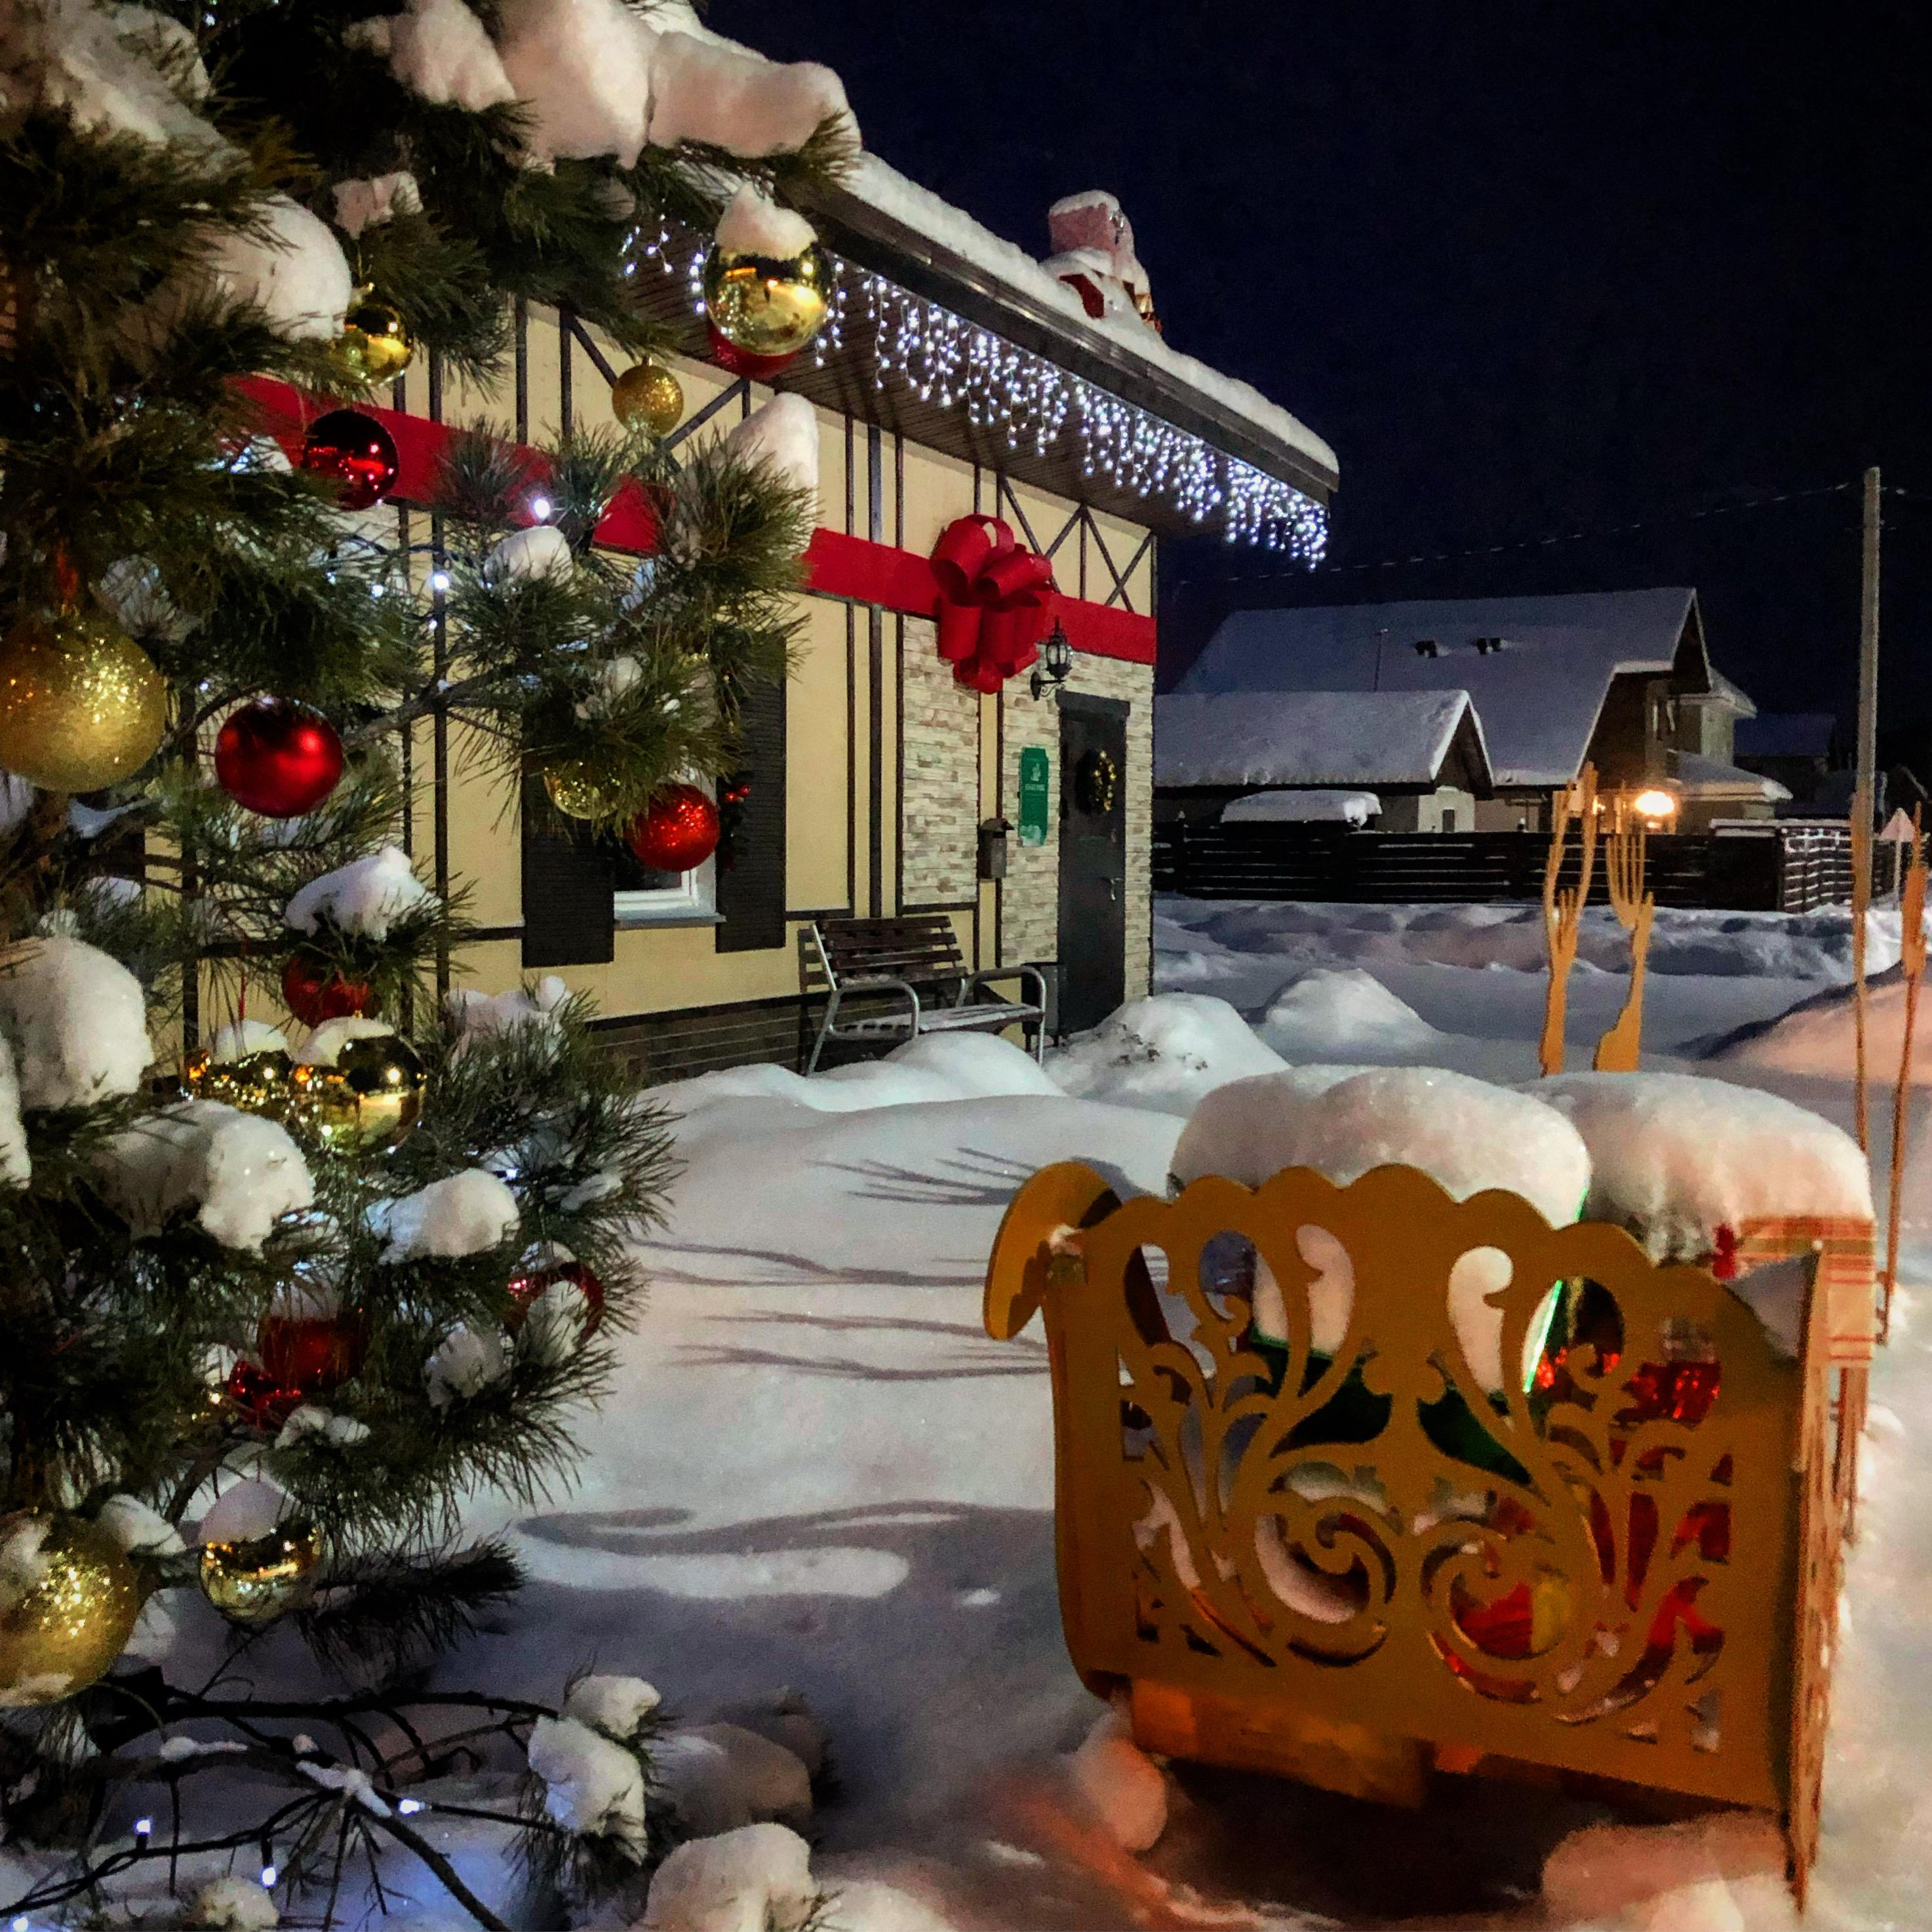 Гирлянды, ленты, шарики и даже новогодние сани — владельцы коттеджа постарались вовсю, чтобы создать волшебство у себя во дворике